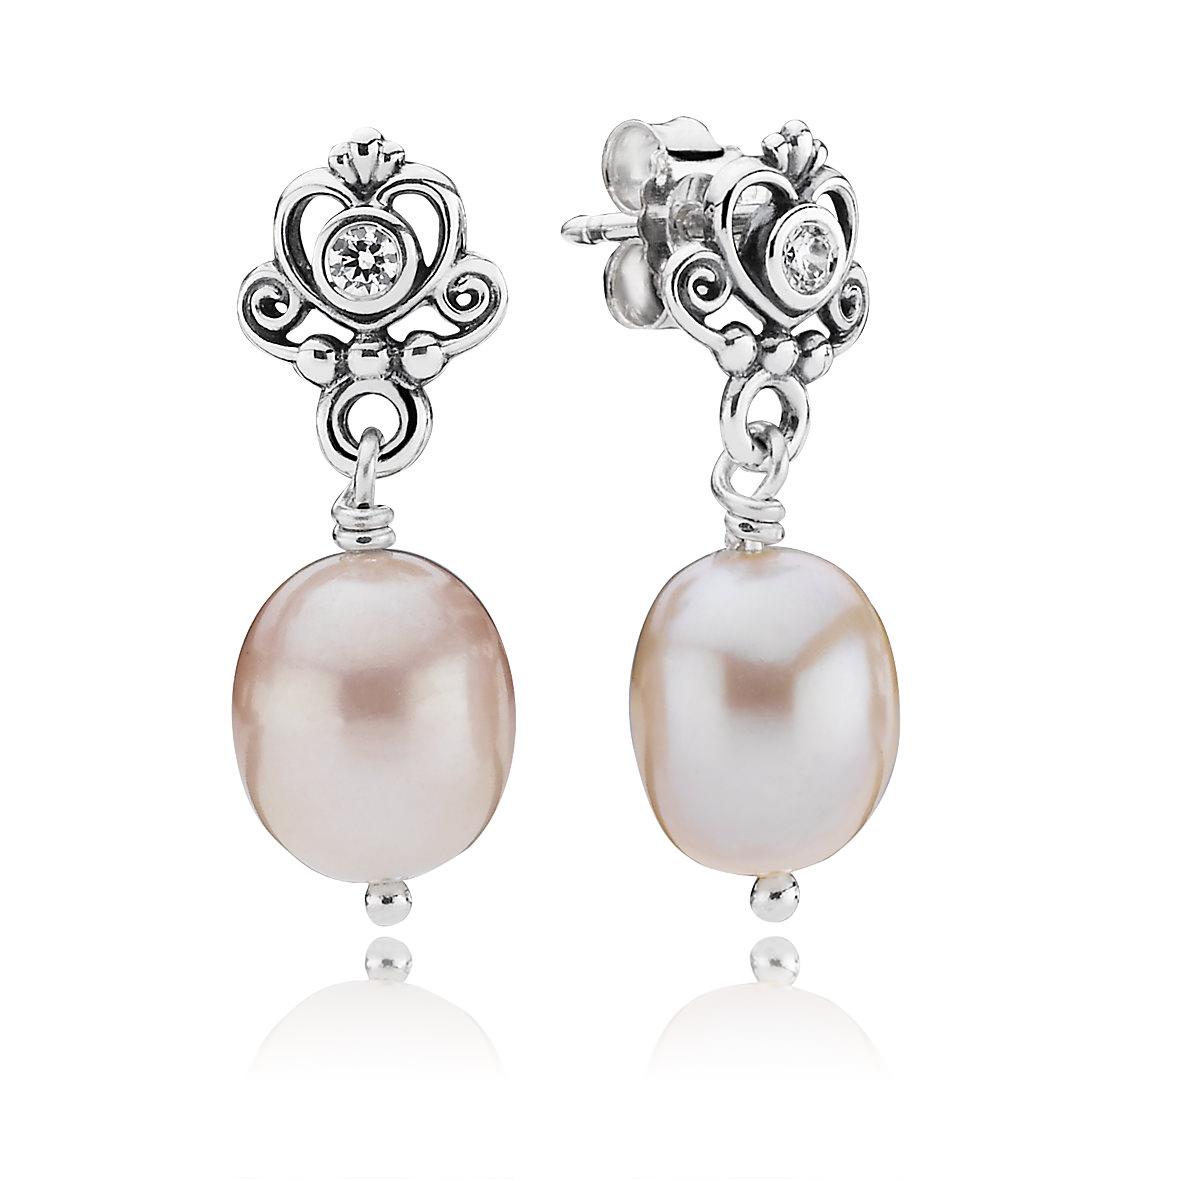 Pendientes Pandora Romance en plata y perlas de río cultivadas